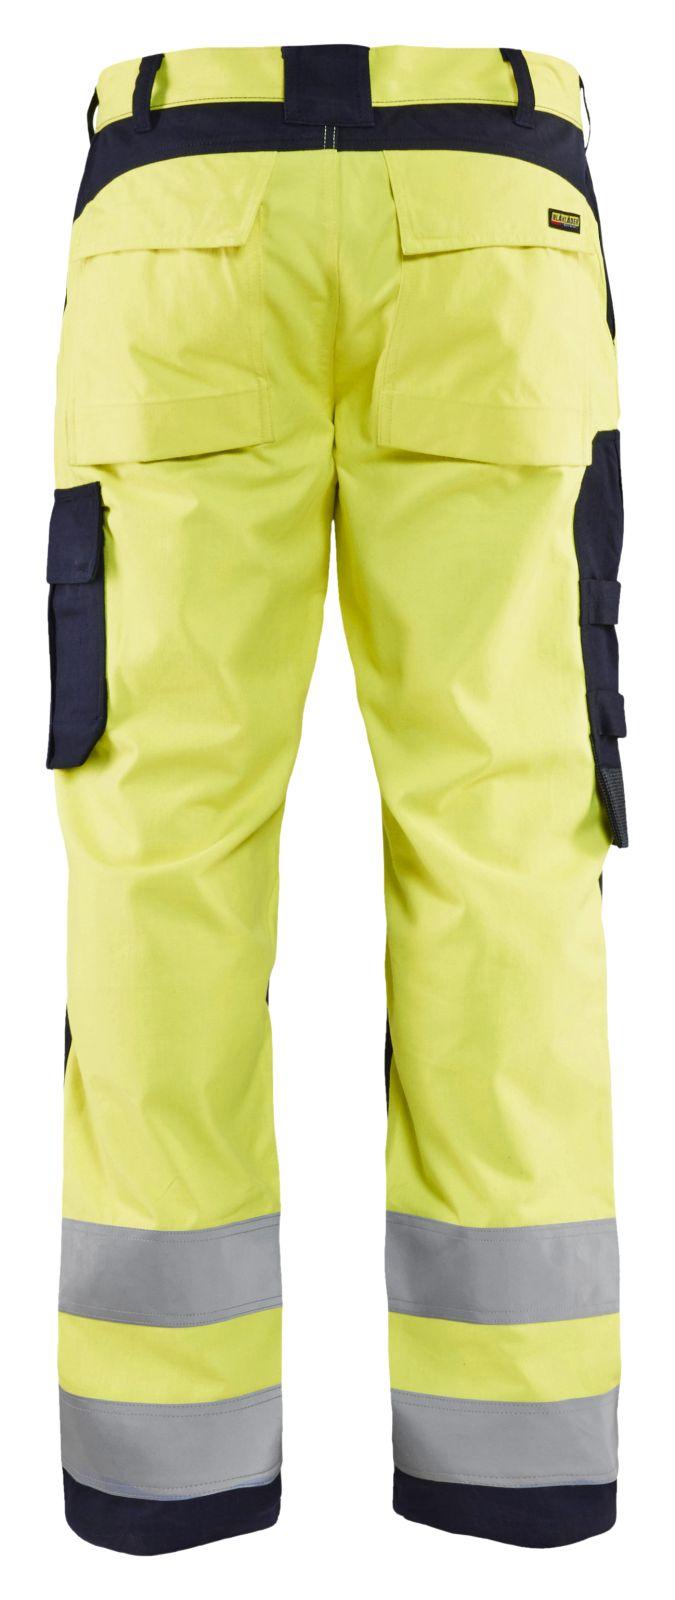 Blaklader Broeken 15881512 Multinorm geel-marineblauw(3389)